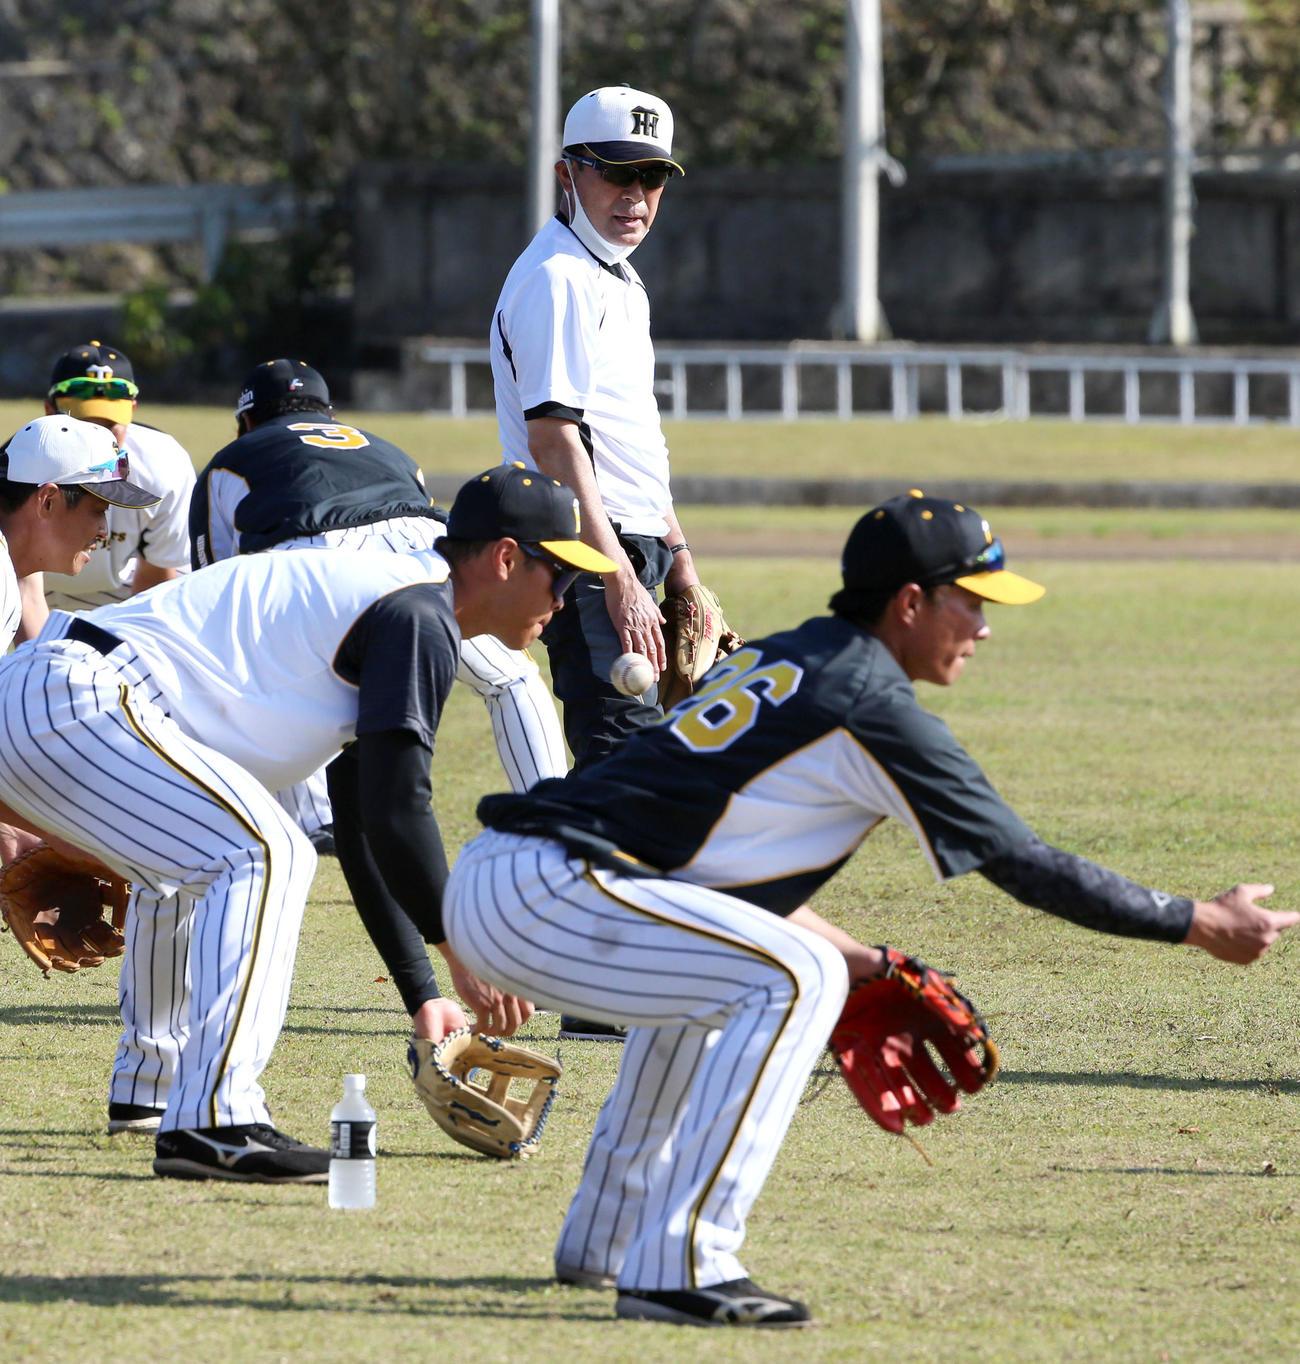 阪神川相臨時コーチ(上)はゴロ捕球する佐藤輝(左)ら内野陣を見つめる(2021年2月22日撮影)